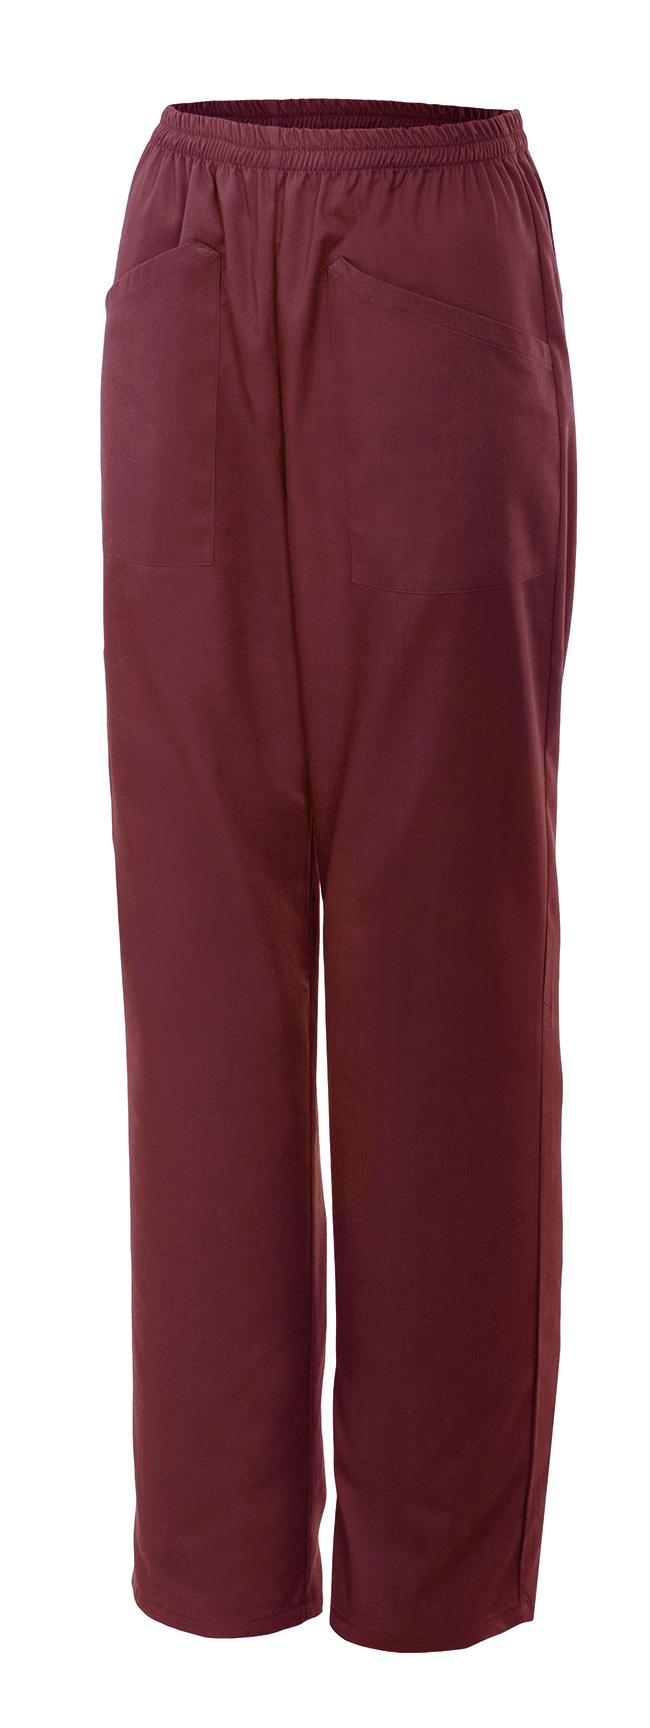 Pantalón Velilla Pijama Mujer